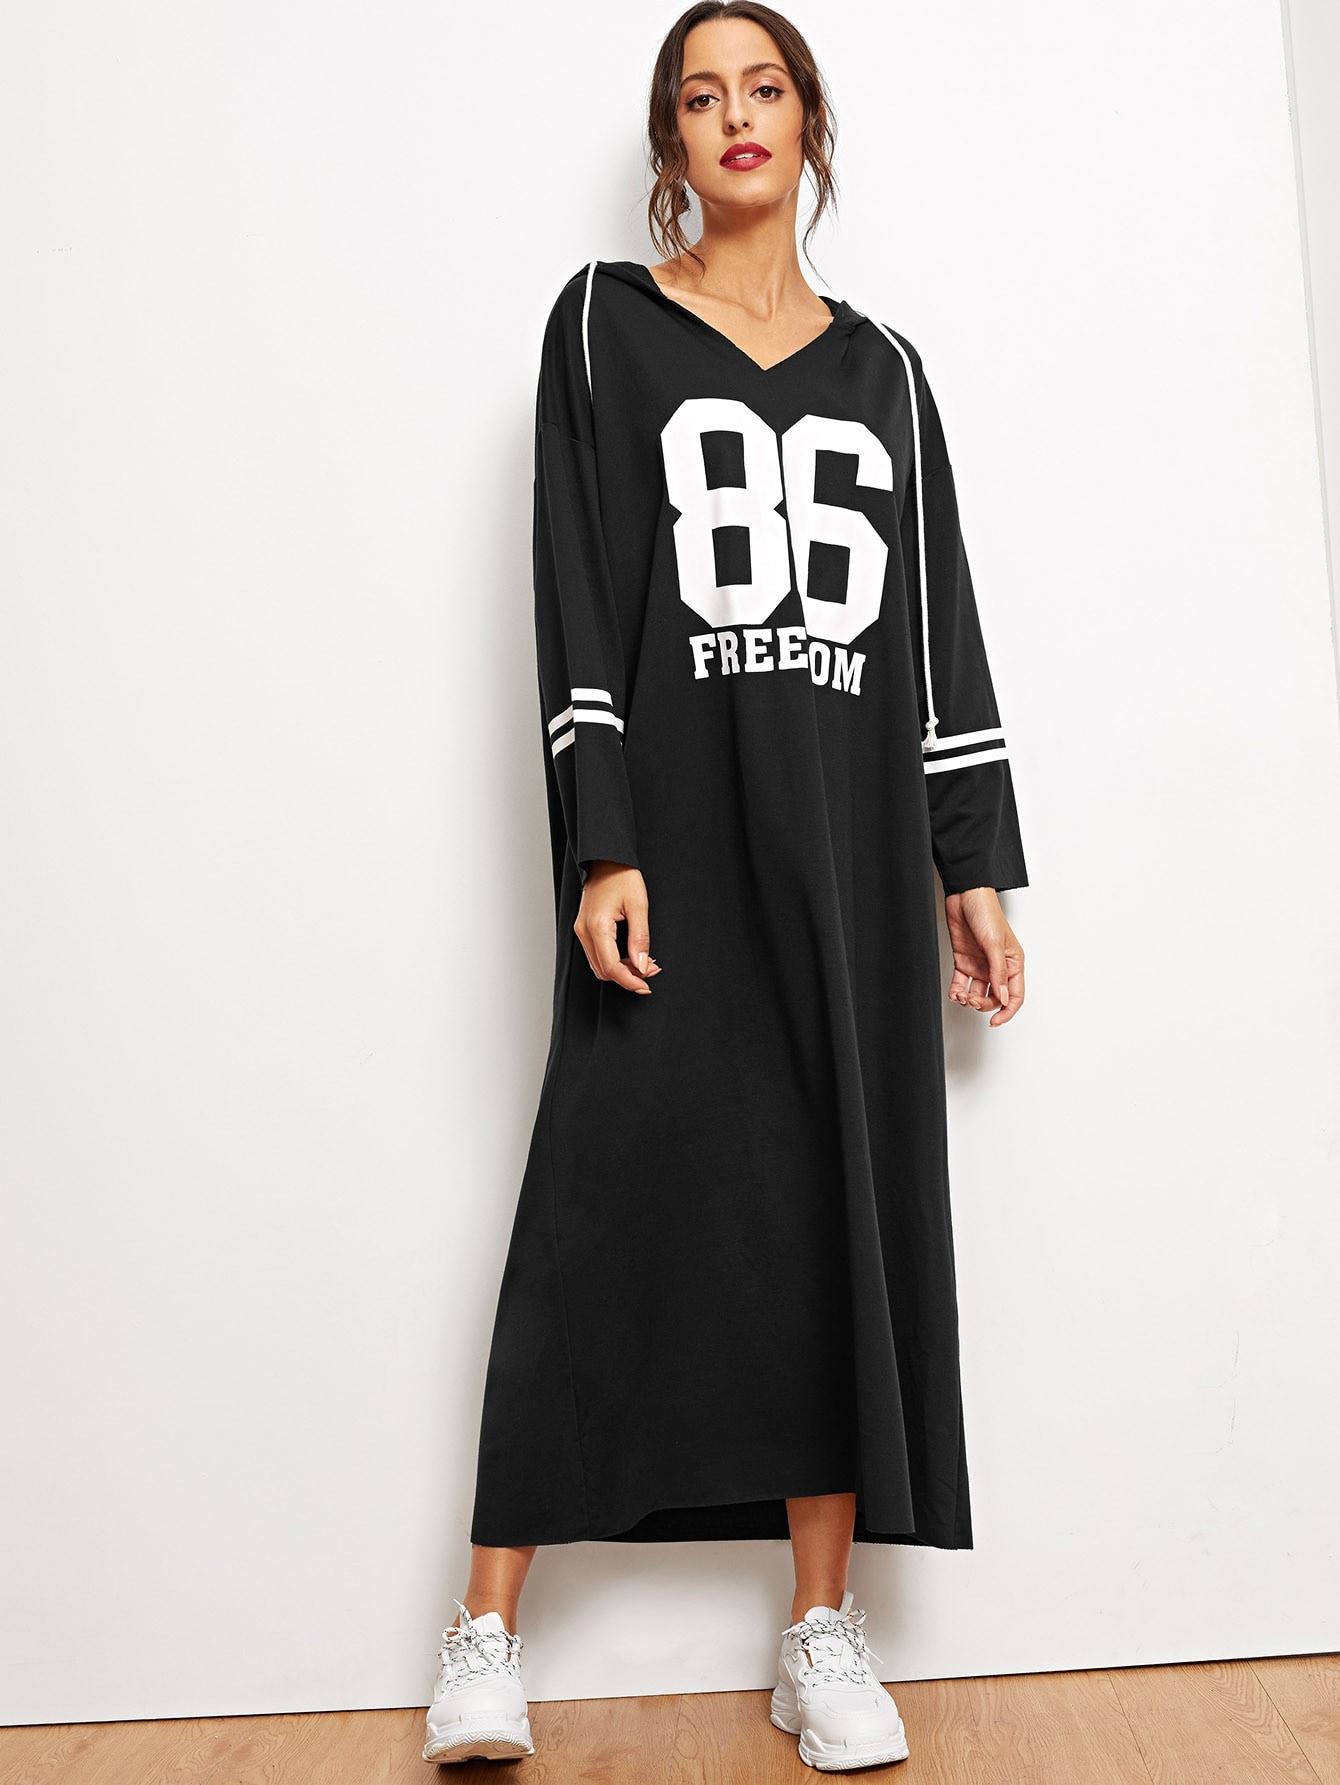 Длинное платье с капюшоном и текстовым принтом, Mary P., SheIn  - купить со скидкой